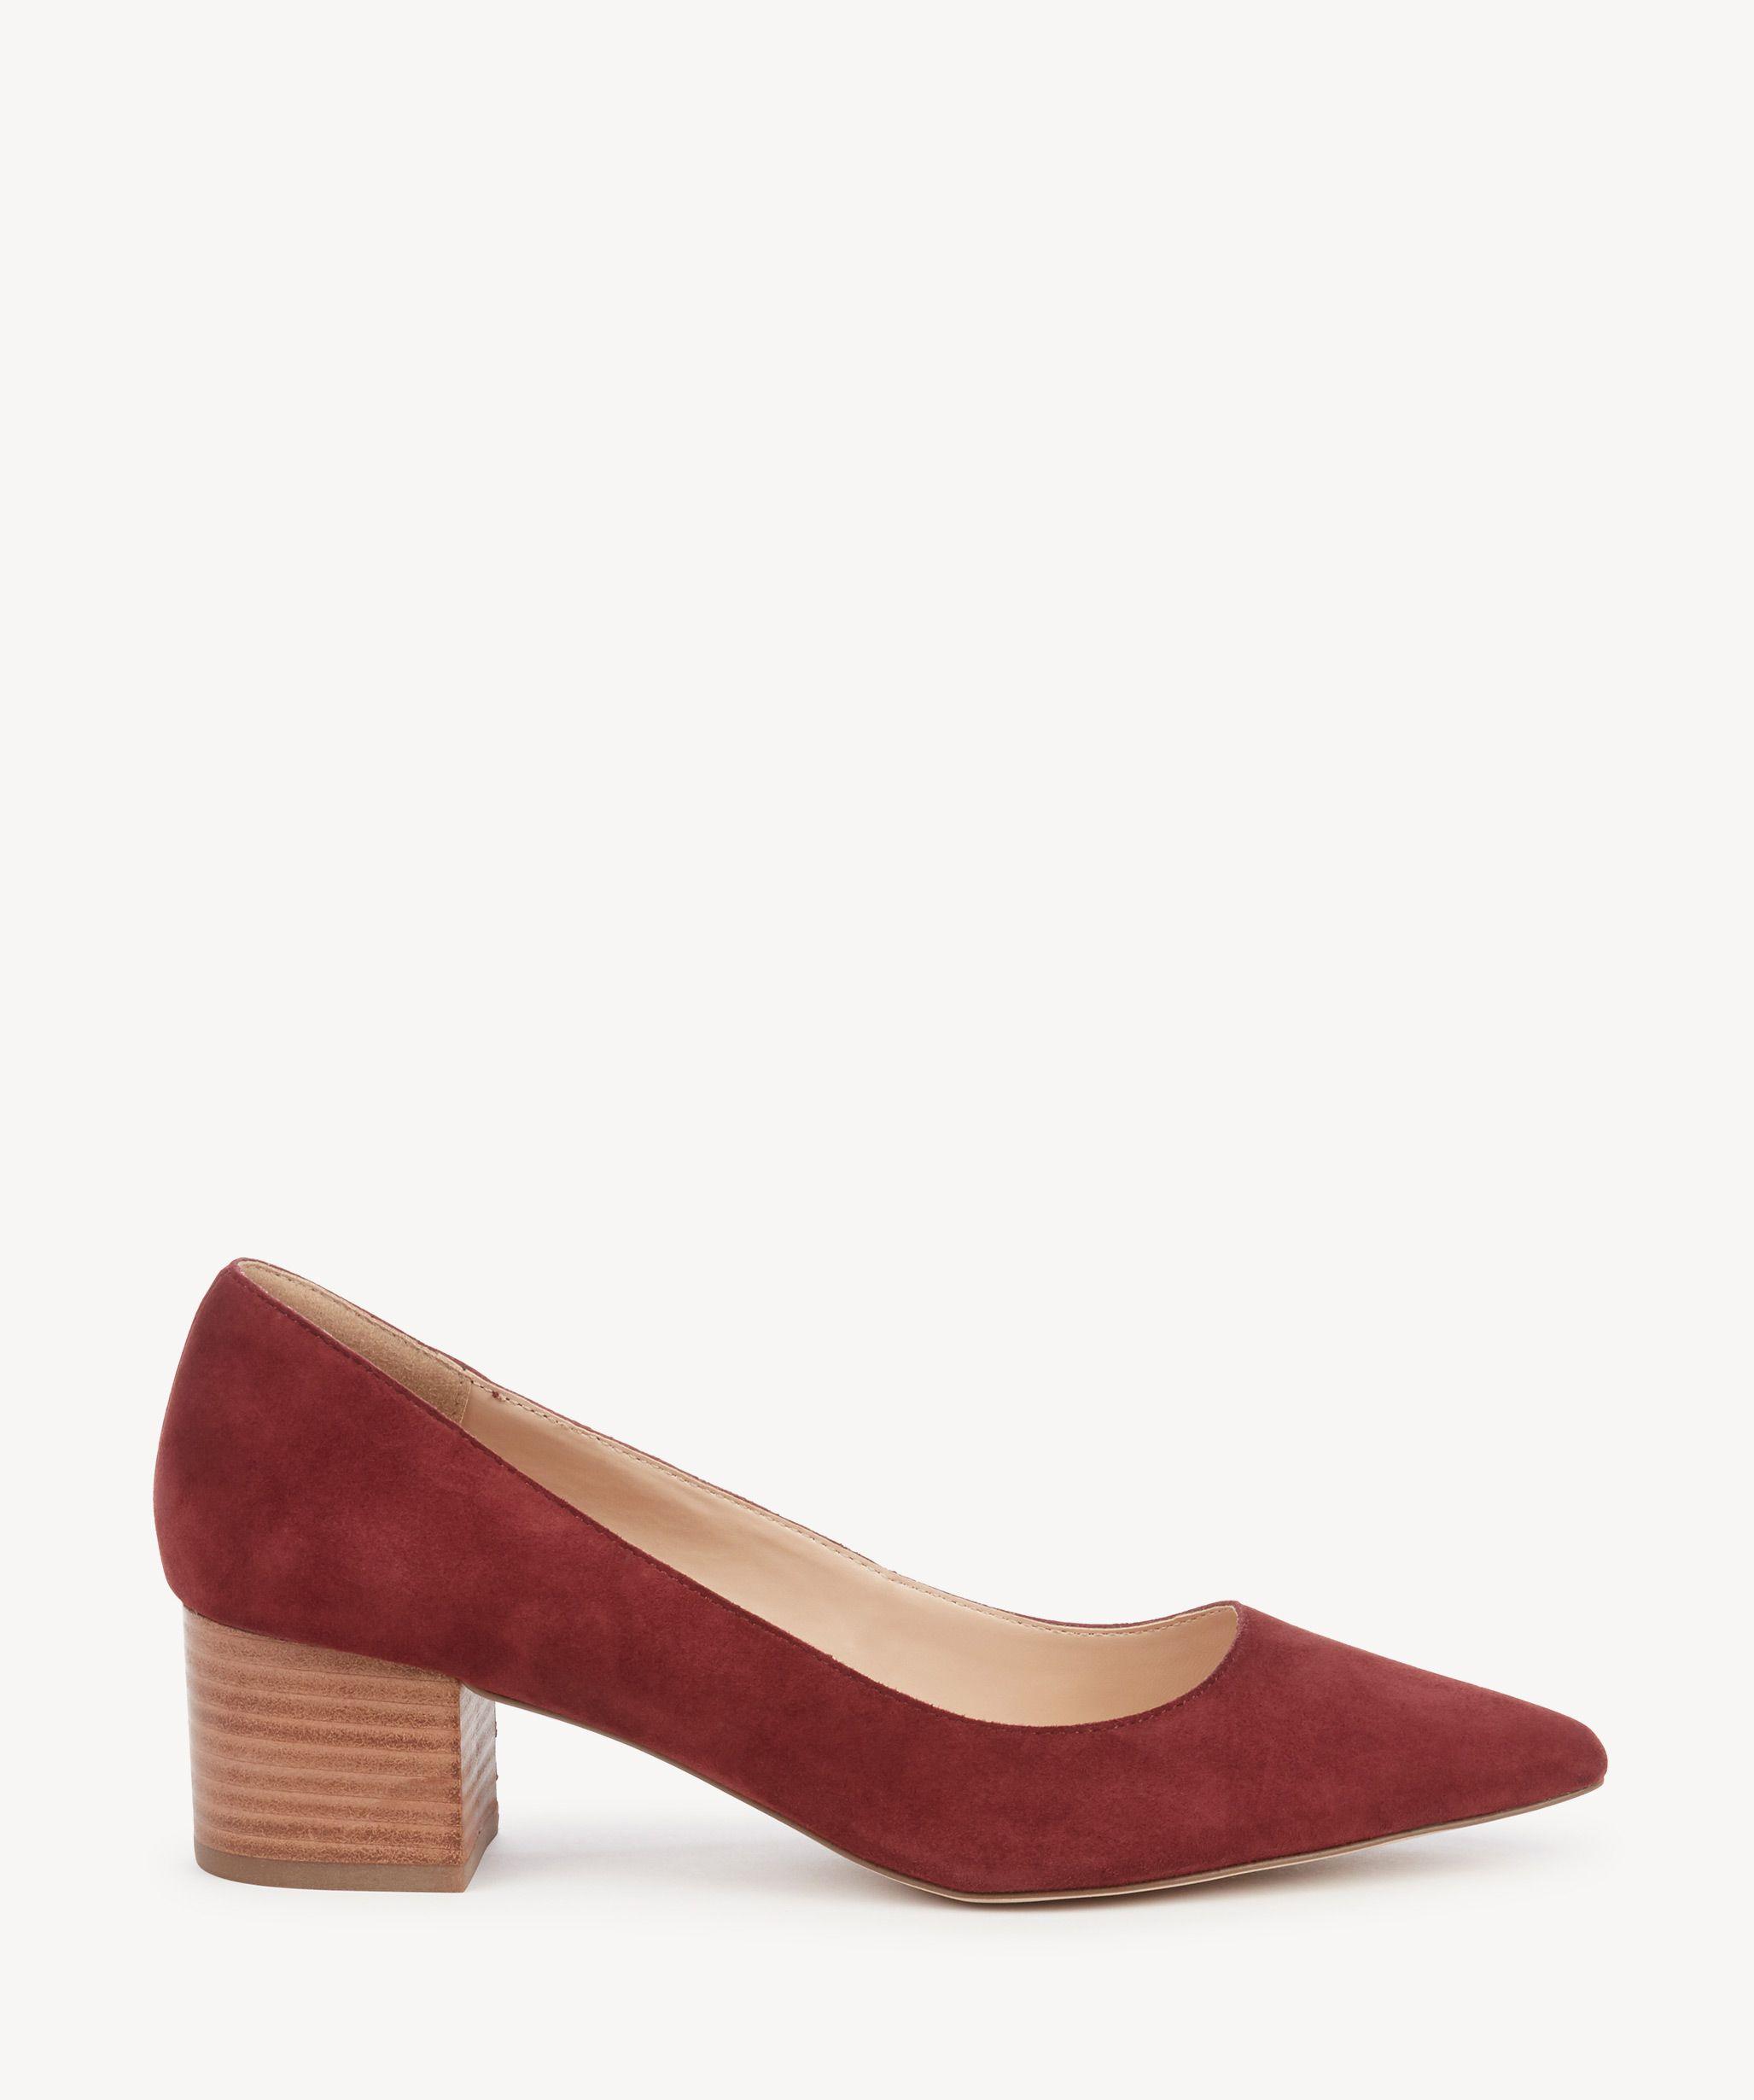 1f9c8a09843 Sole Society Andorra Block Heels Pumps Merlot